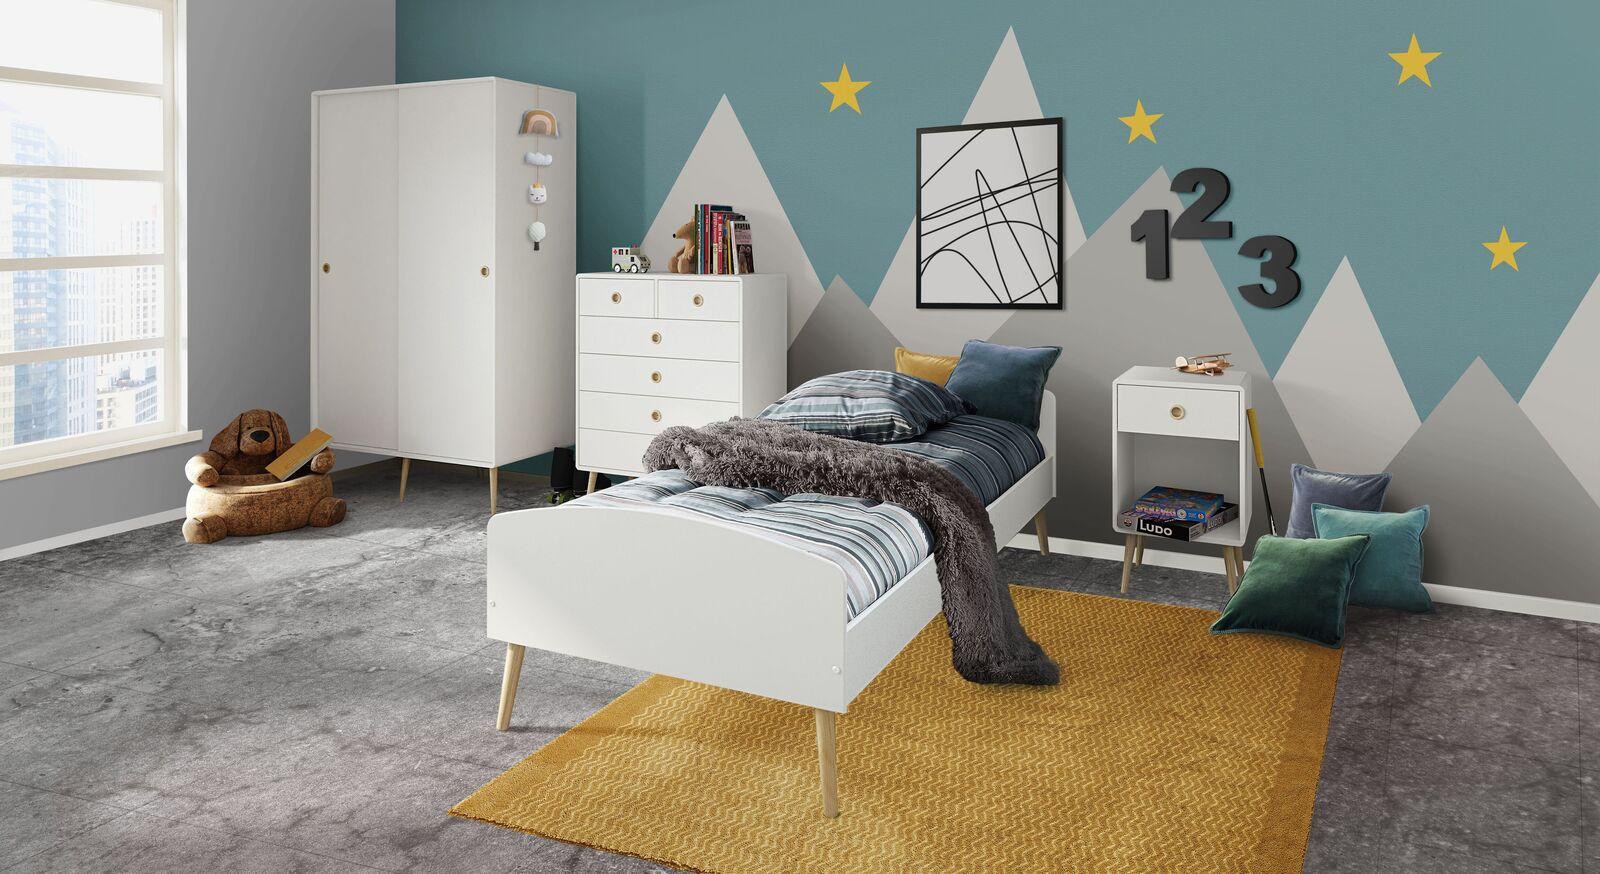 Jugendzimmer Zuria mit kindgerechten weißen Möbeln